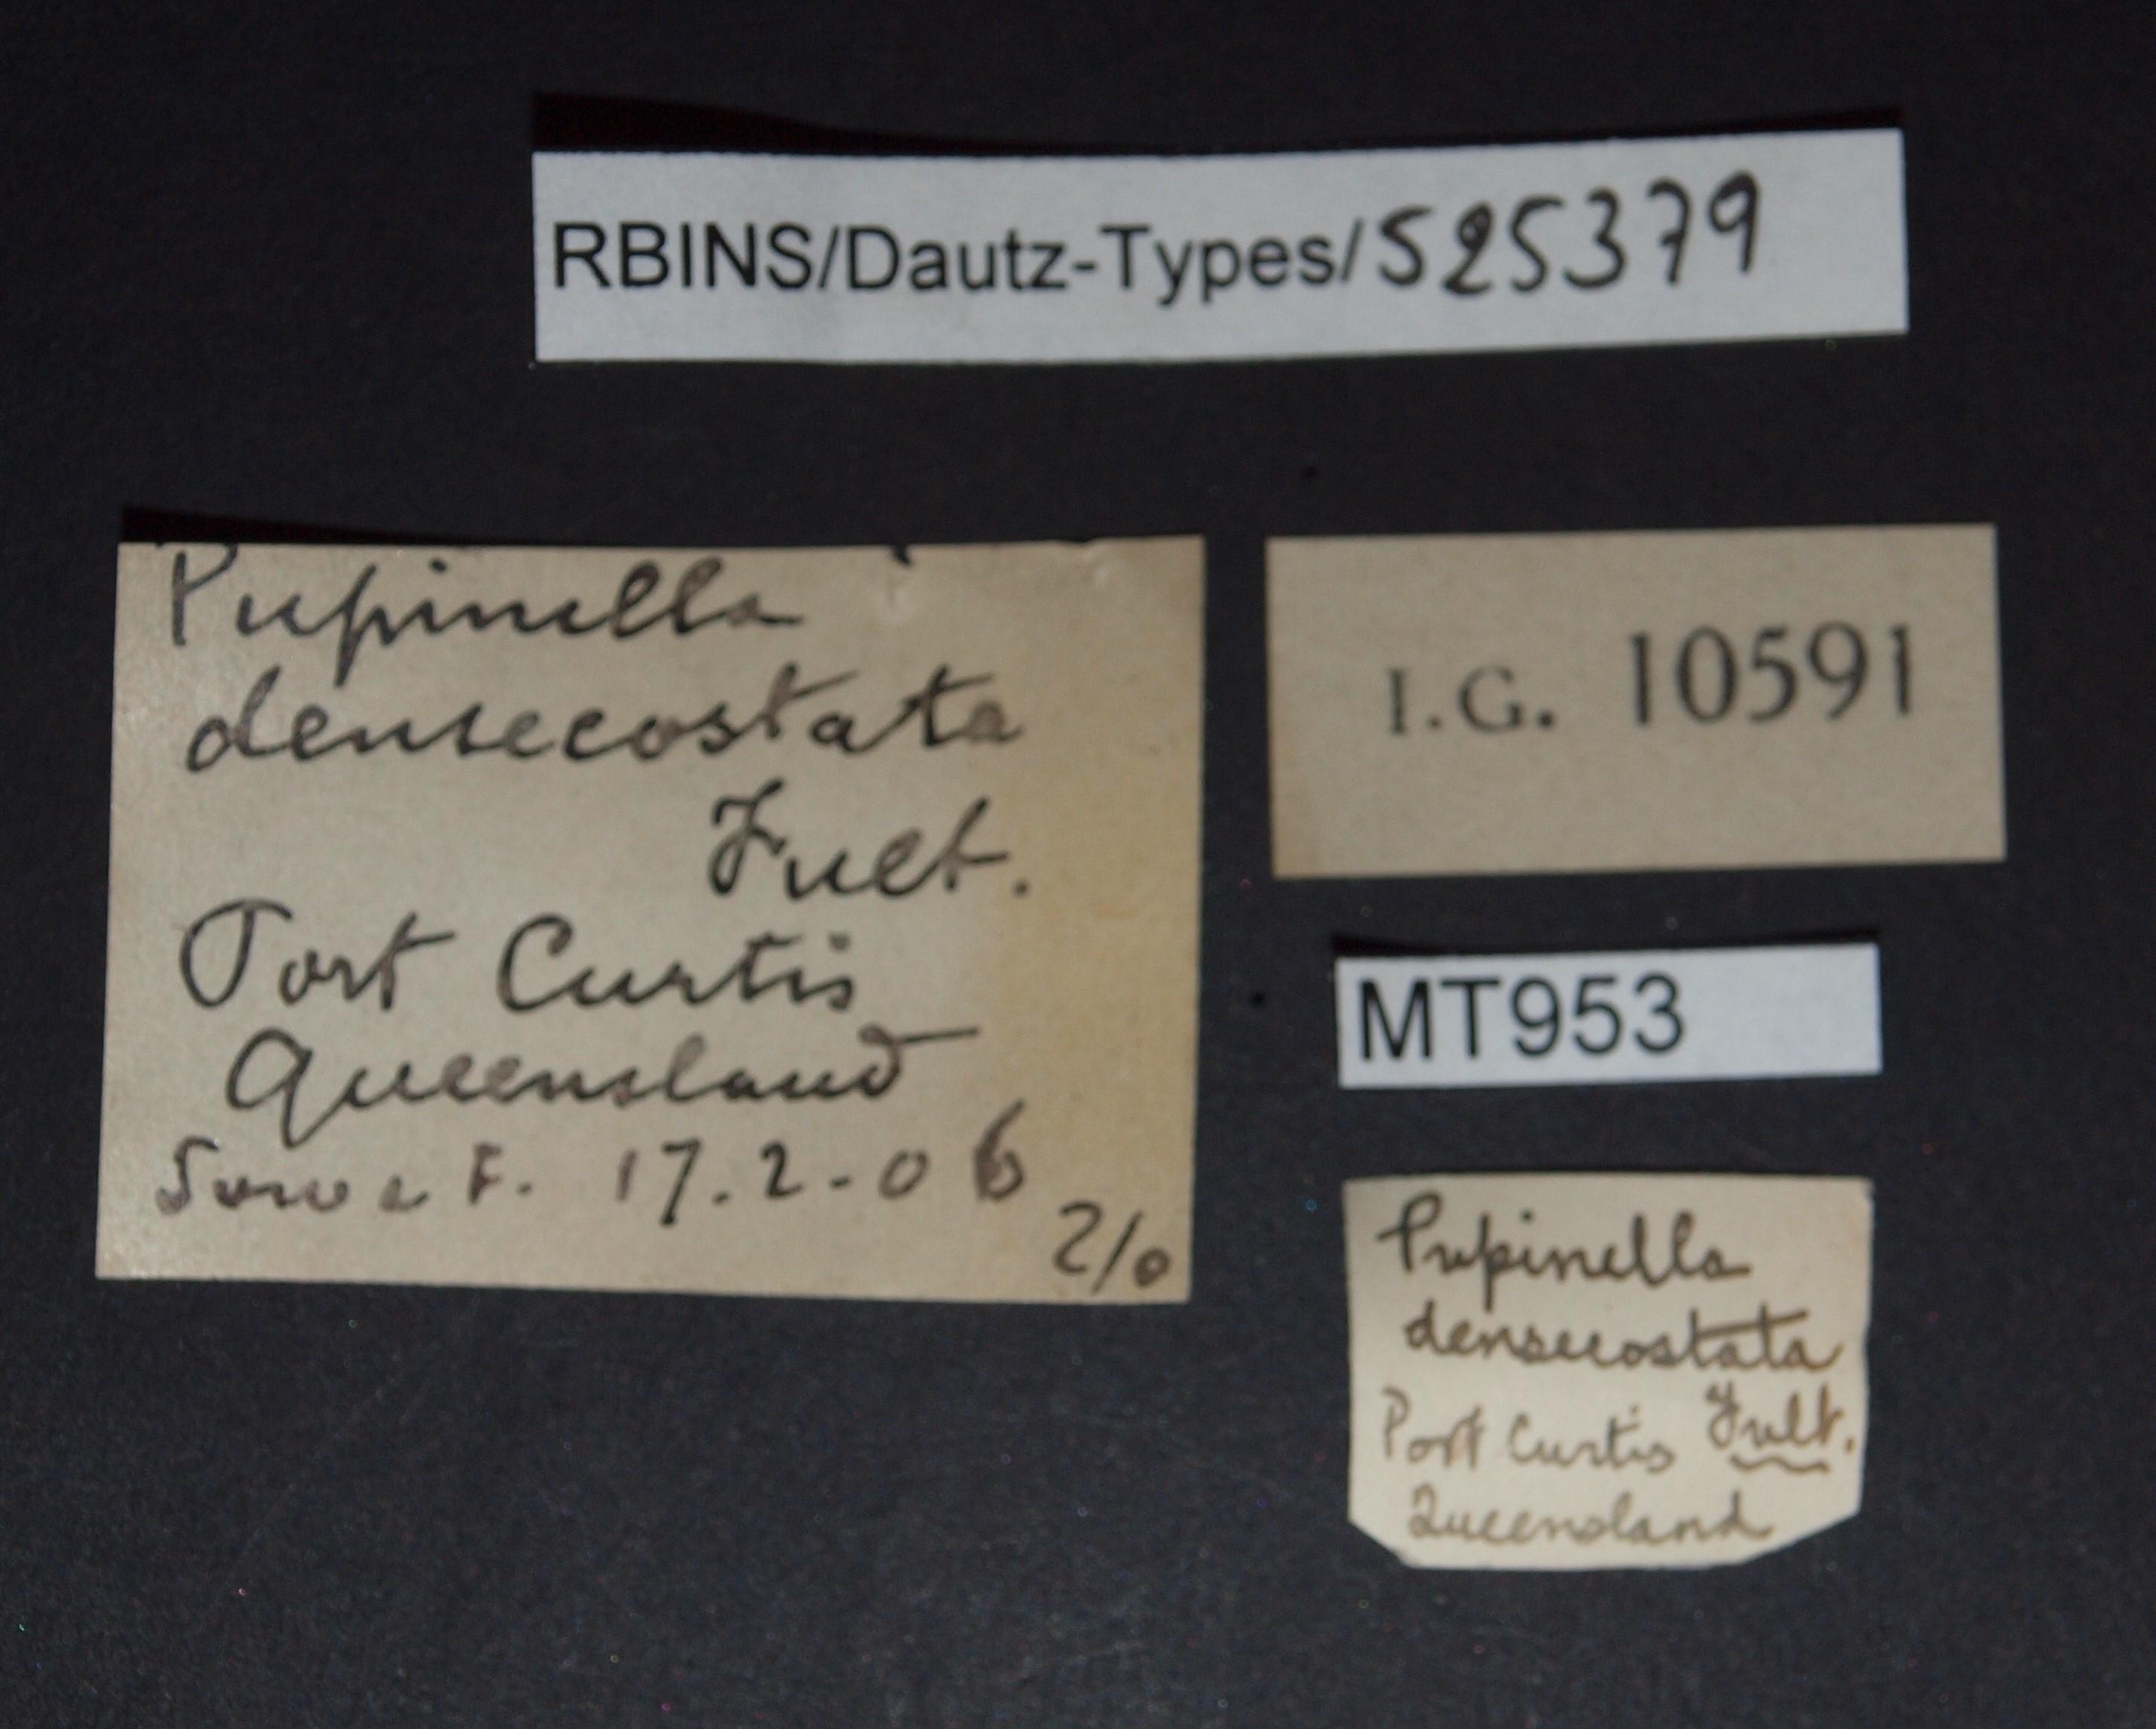 BE-RBINS-INV MT 953 Pupinella densecostata pt Lb.jpg